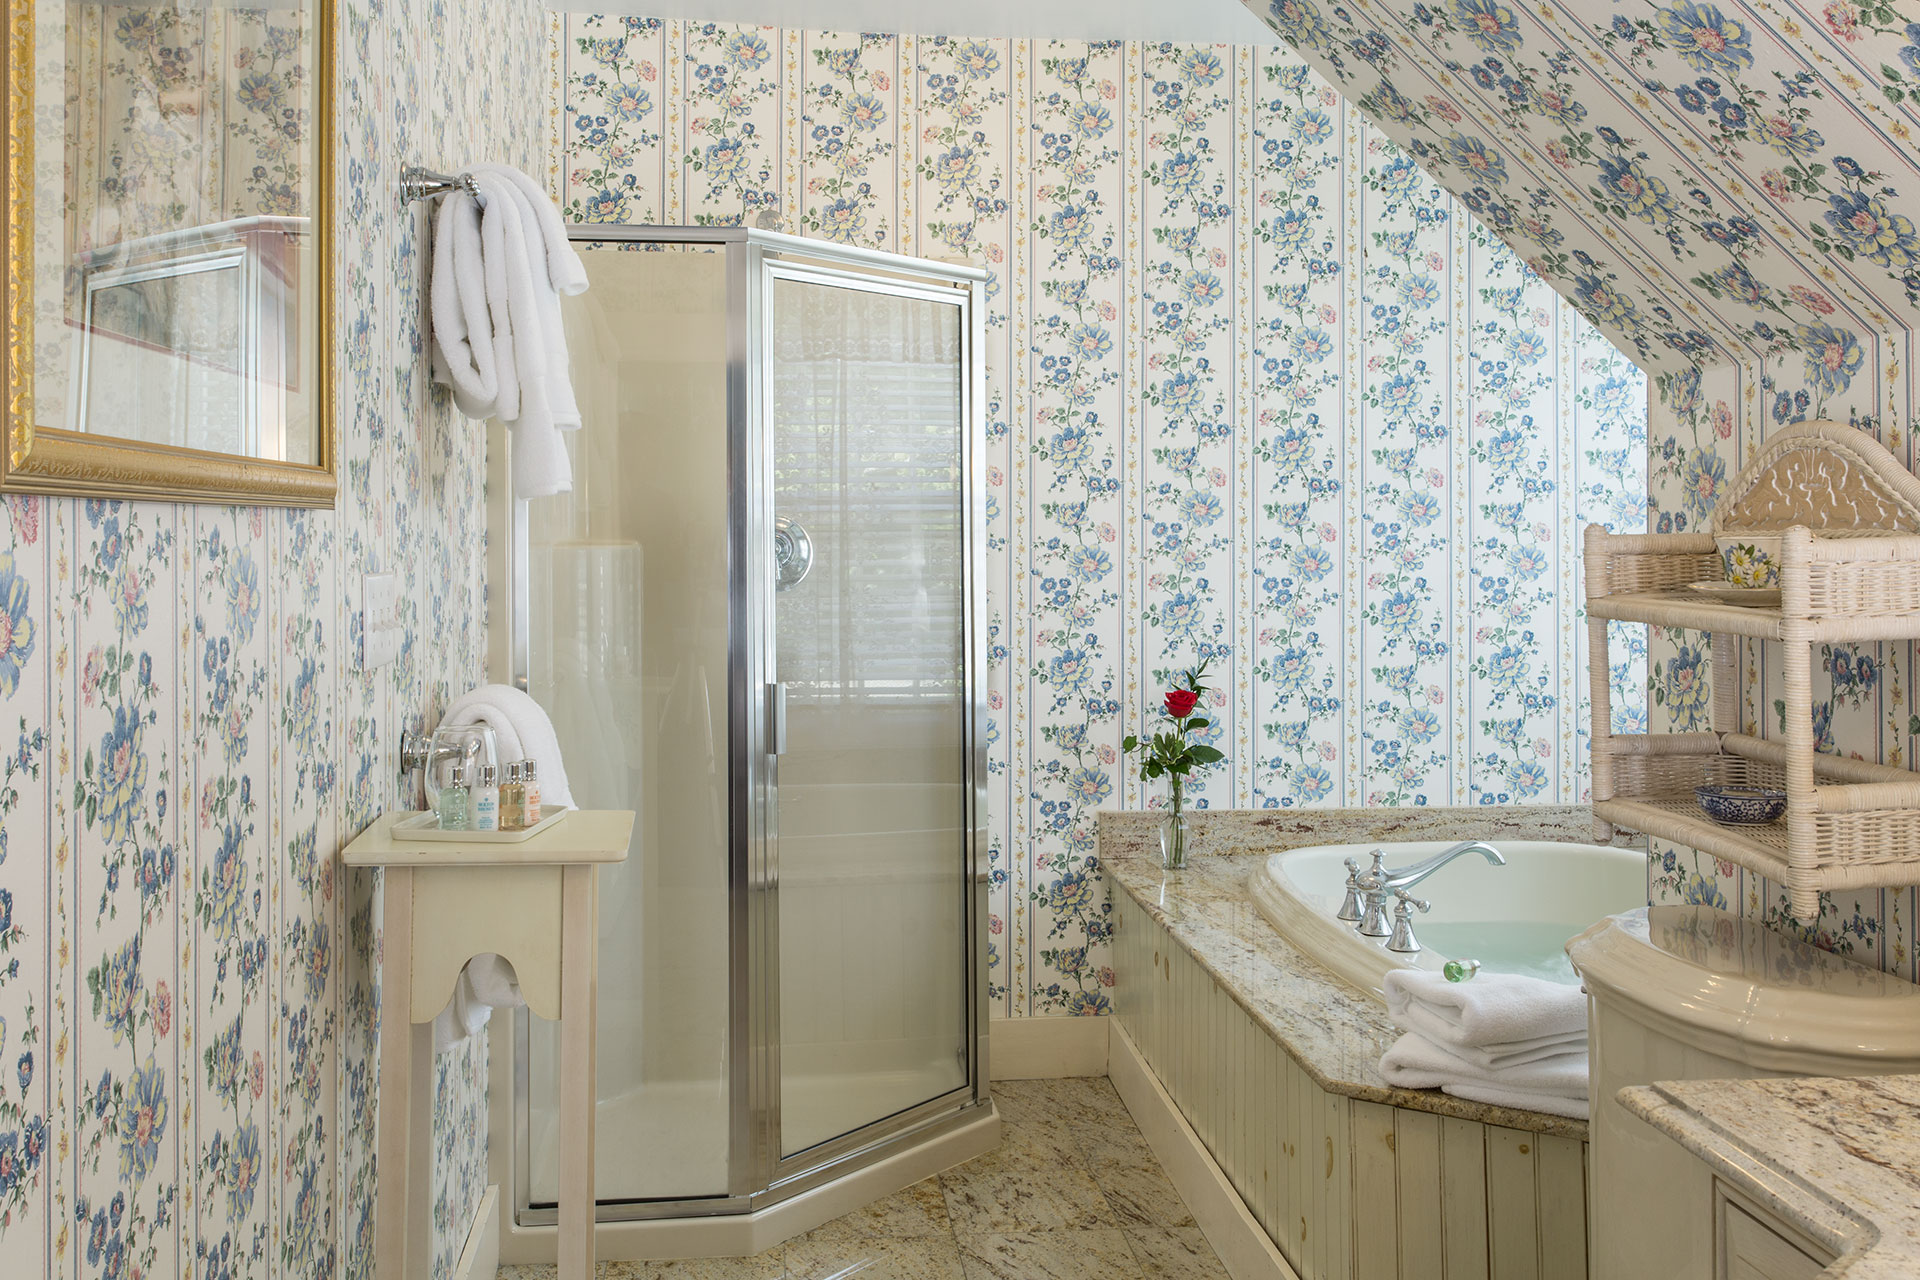 The Margaret Guest Room Bath at La Farge Perry - Newport, RI